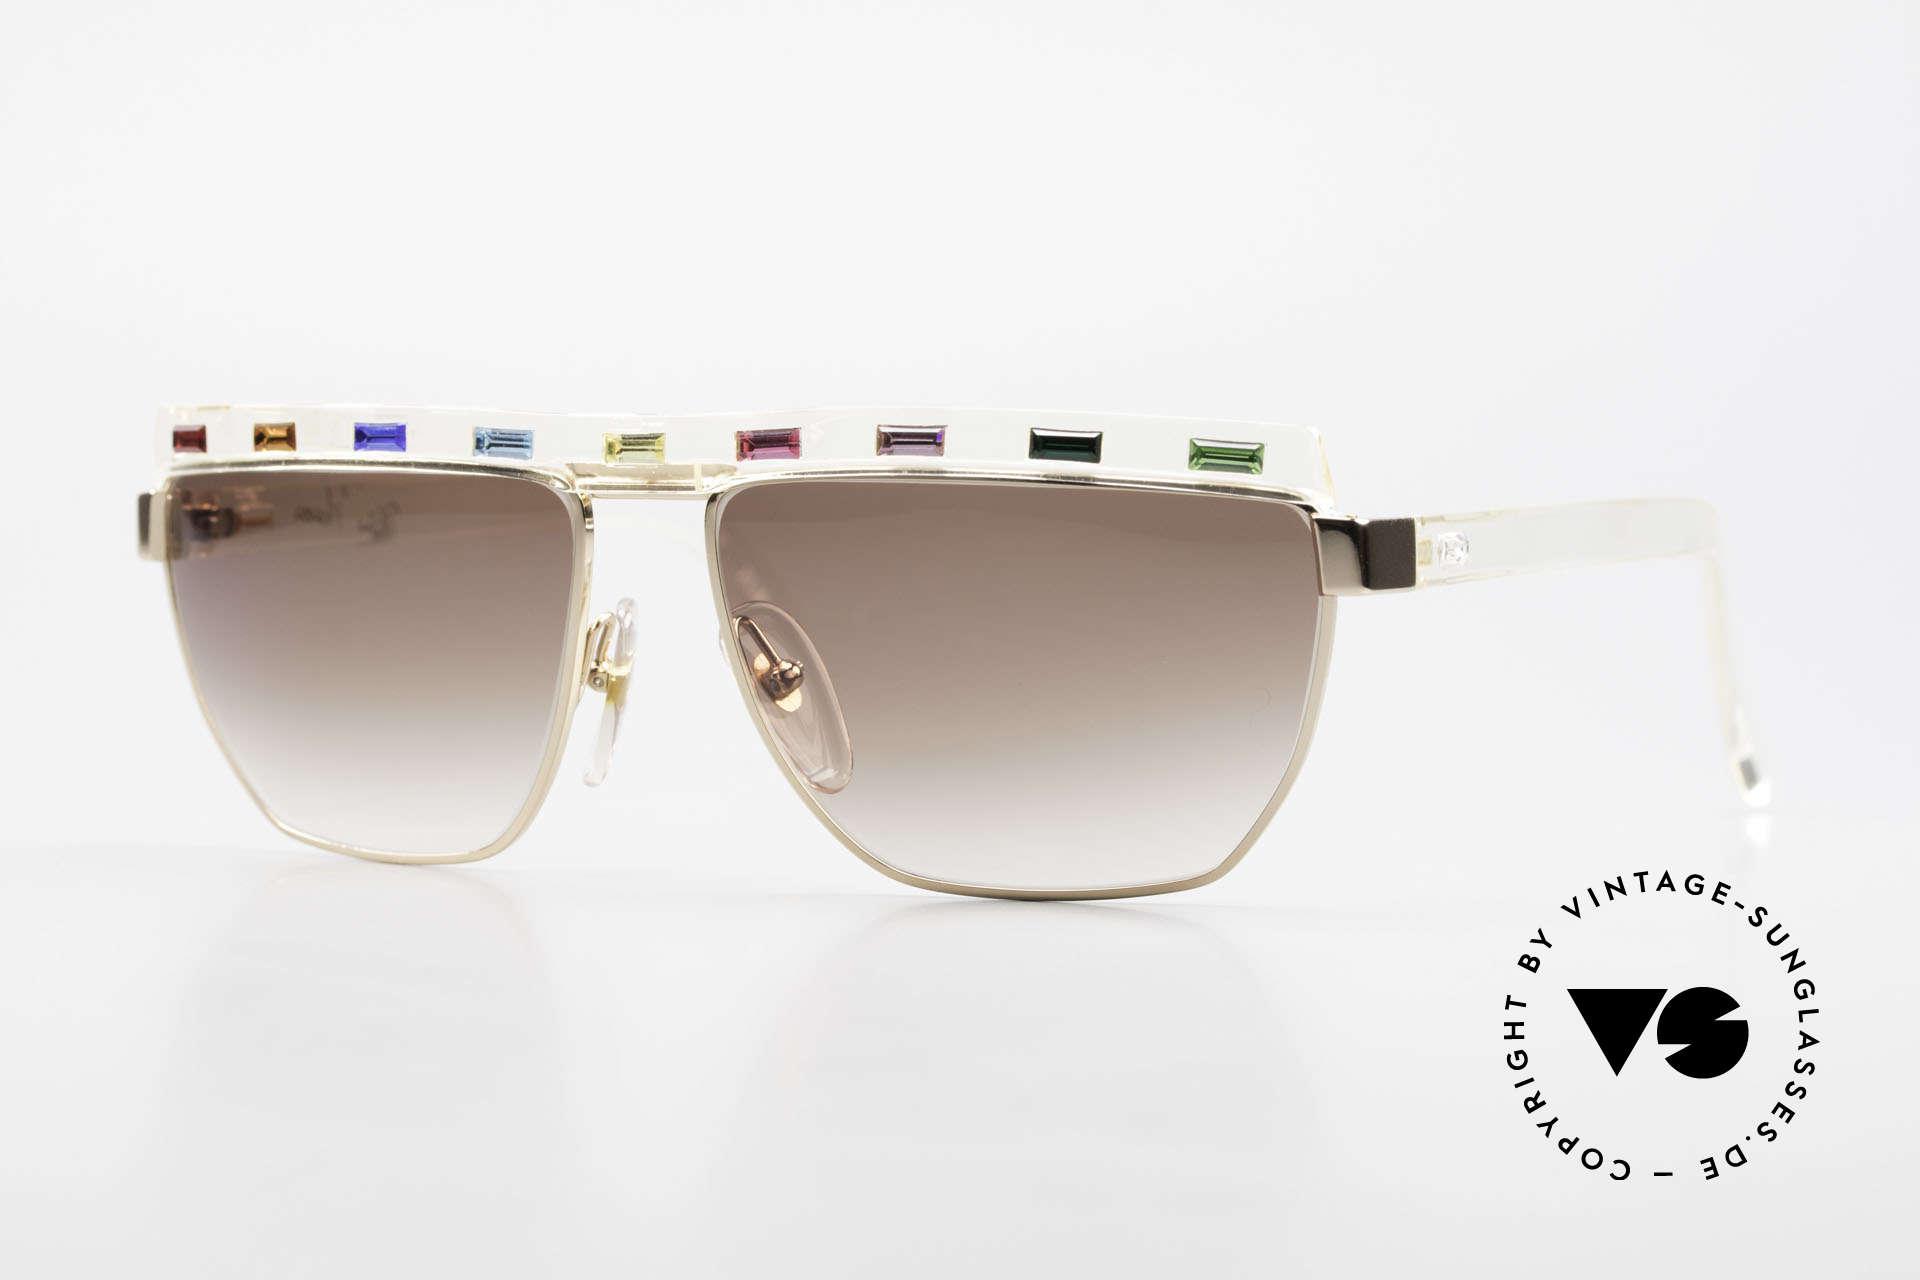 Paloma Picasso 3706 Farben Sämtlicher Edelsteine, Damen Designersonnenbrille von Paloma Picasso, Passend für Damen